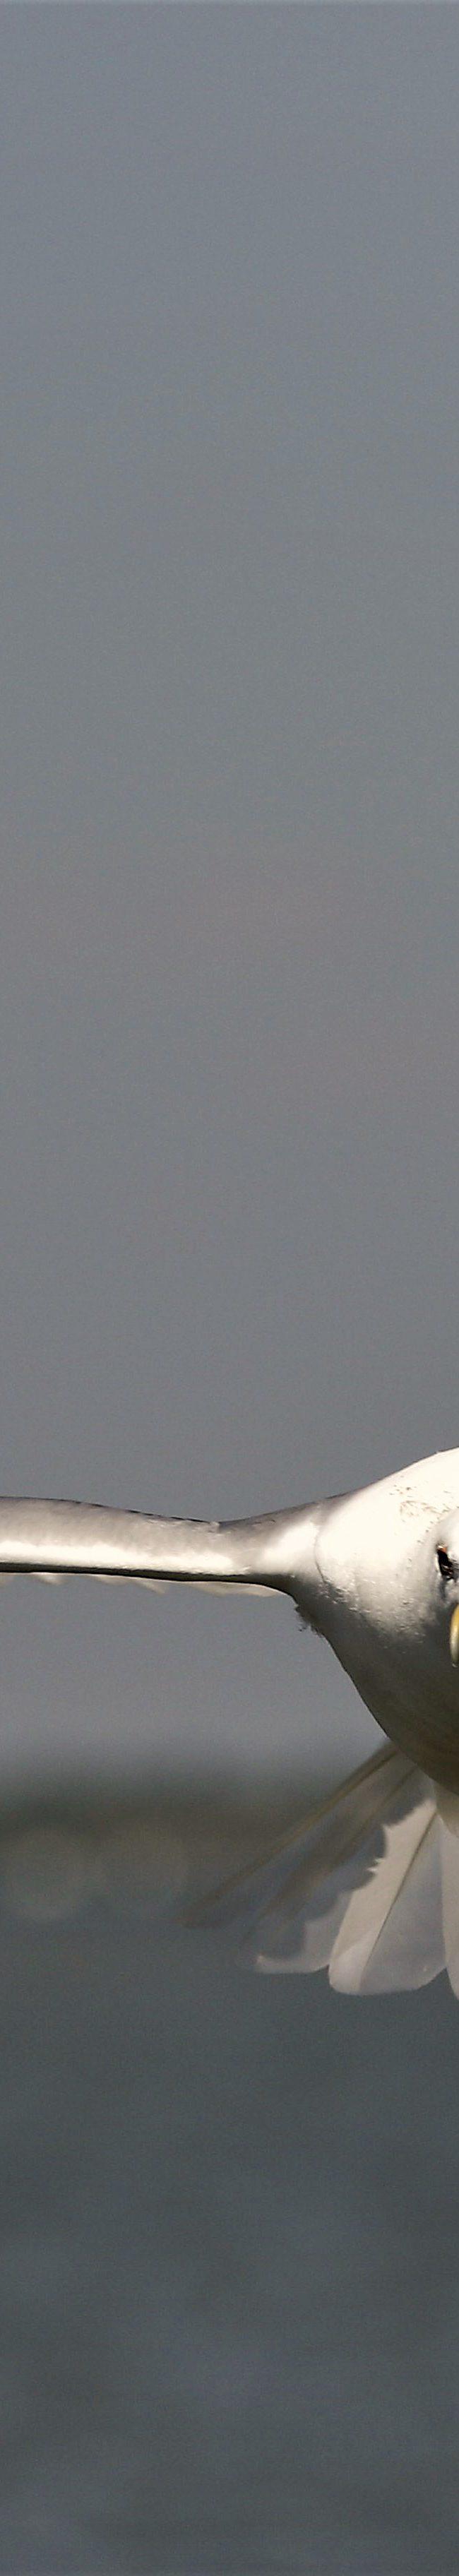 Pontische meeuw (larus cachinnans)